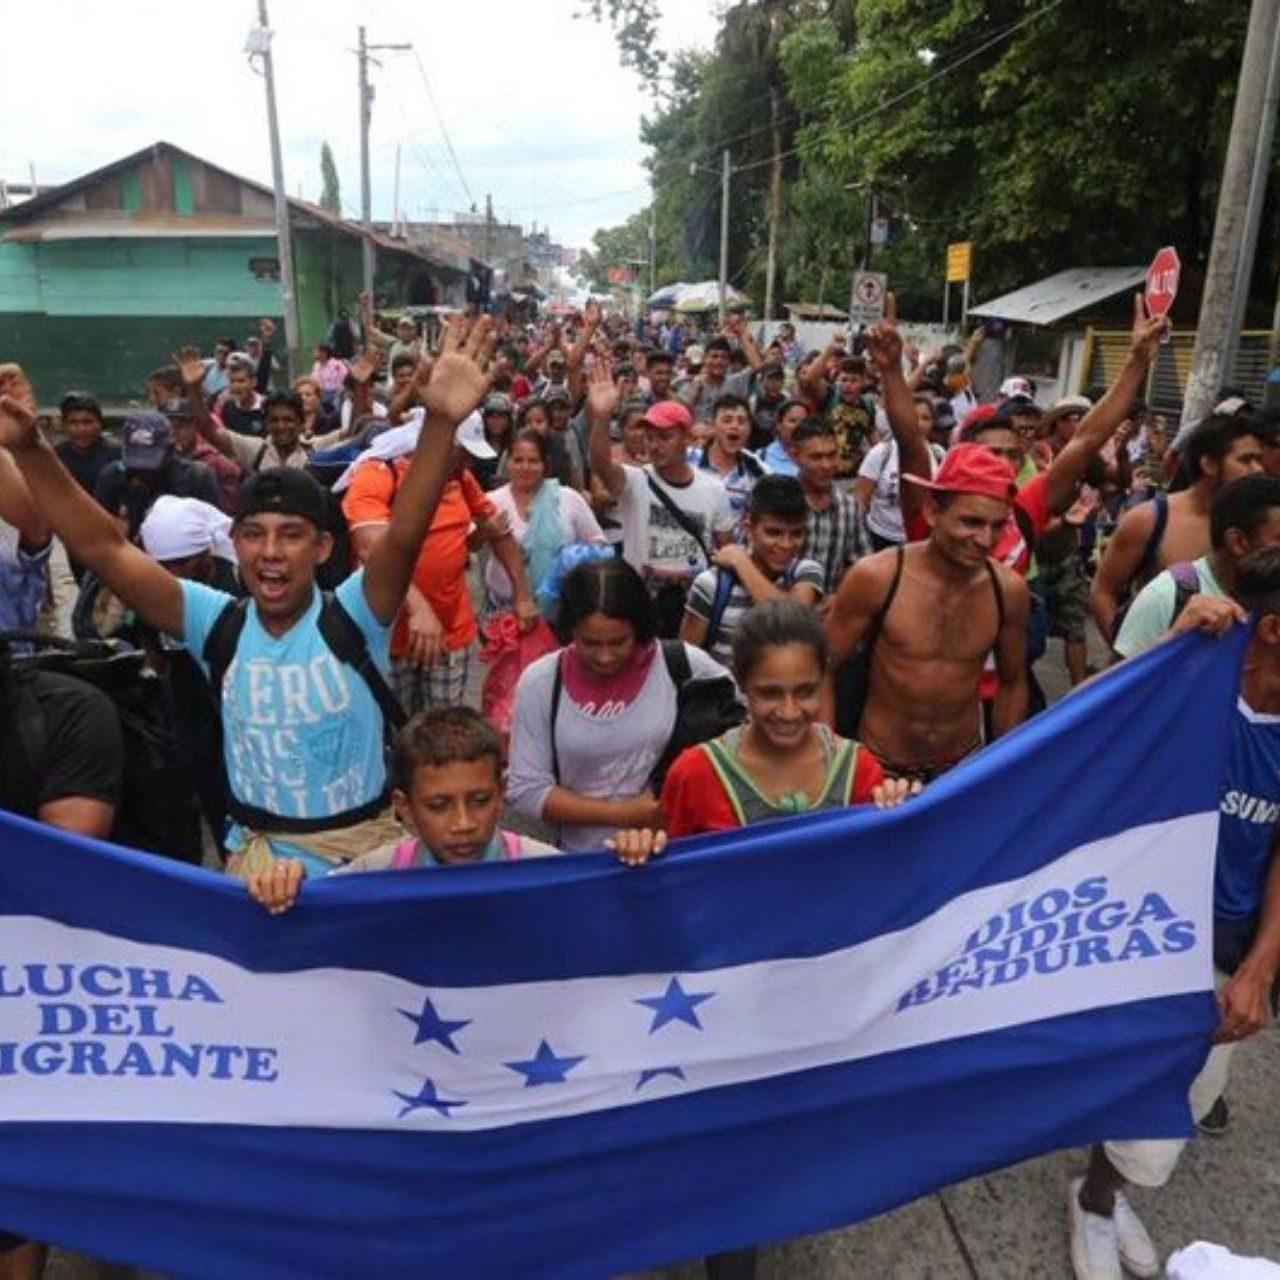 Los inicios de la migración contra las abrumadoras cifras del gobierno actual